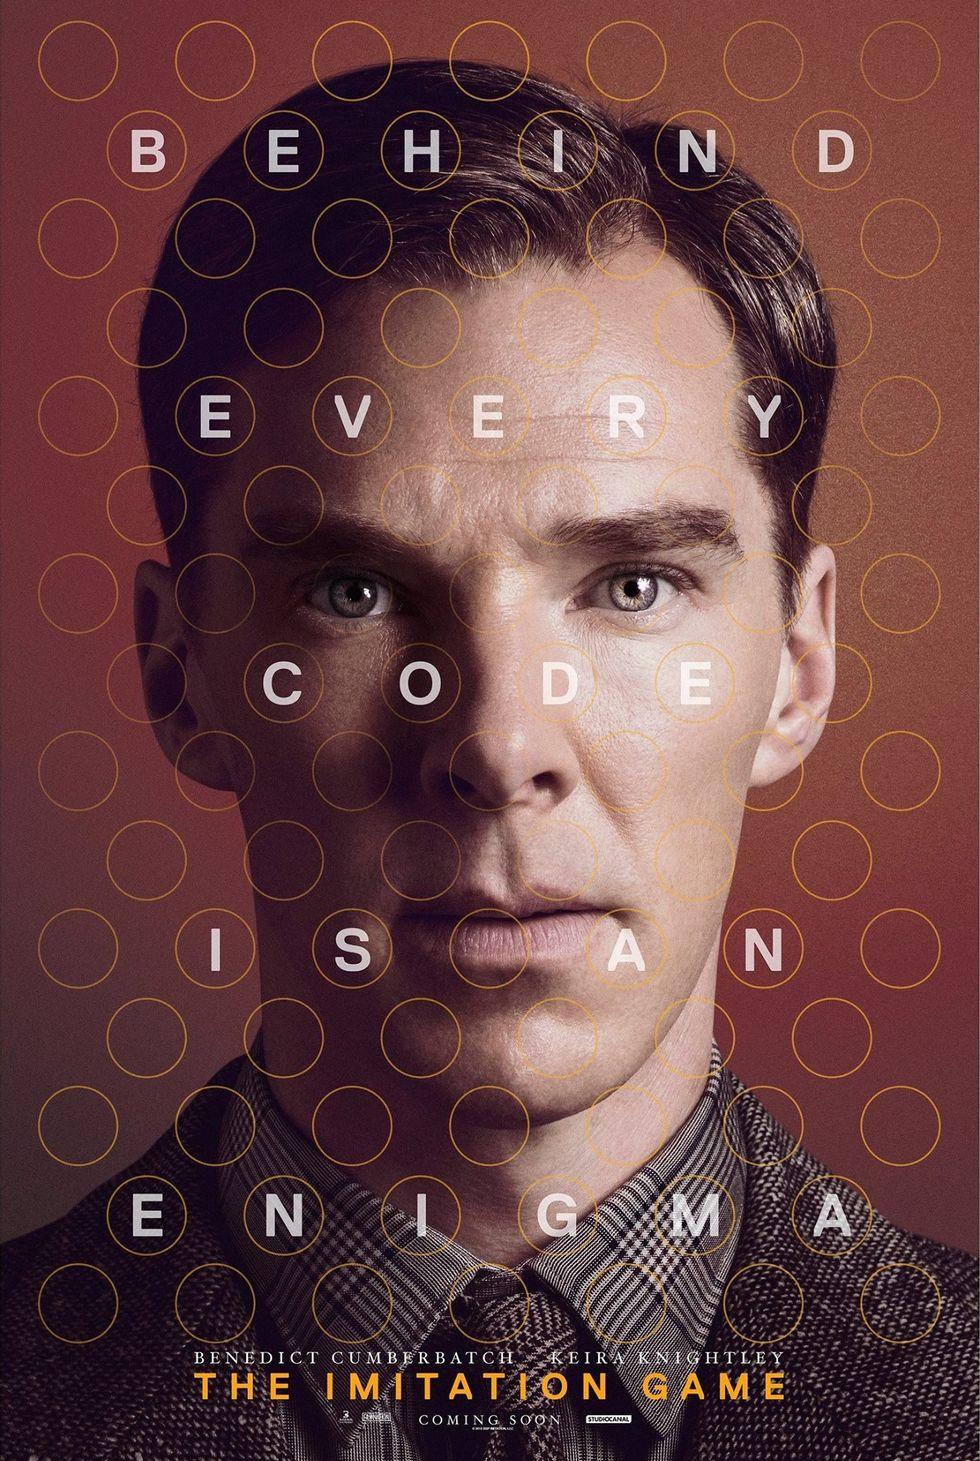 """""""Игра на кодове"""" (2014) """"Игра на кодове"""" е филм за гениалния британски математик Алън Тюринг. По време на Втората световна война той разбива кода """"Енигма"""", който нацистистите използват за предаване на секретни съобщения. След като британските власти обаче откриват, че Тюринг е хомосексуалист (по онова време това се е считало за престъпление във Великобритания), го подлагат на химическа кастрация. Съдбата на математика след това е много тежка и завършва трагично."""